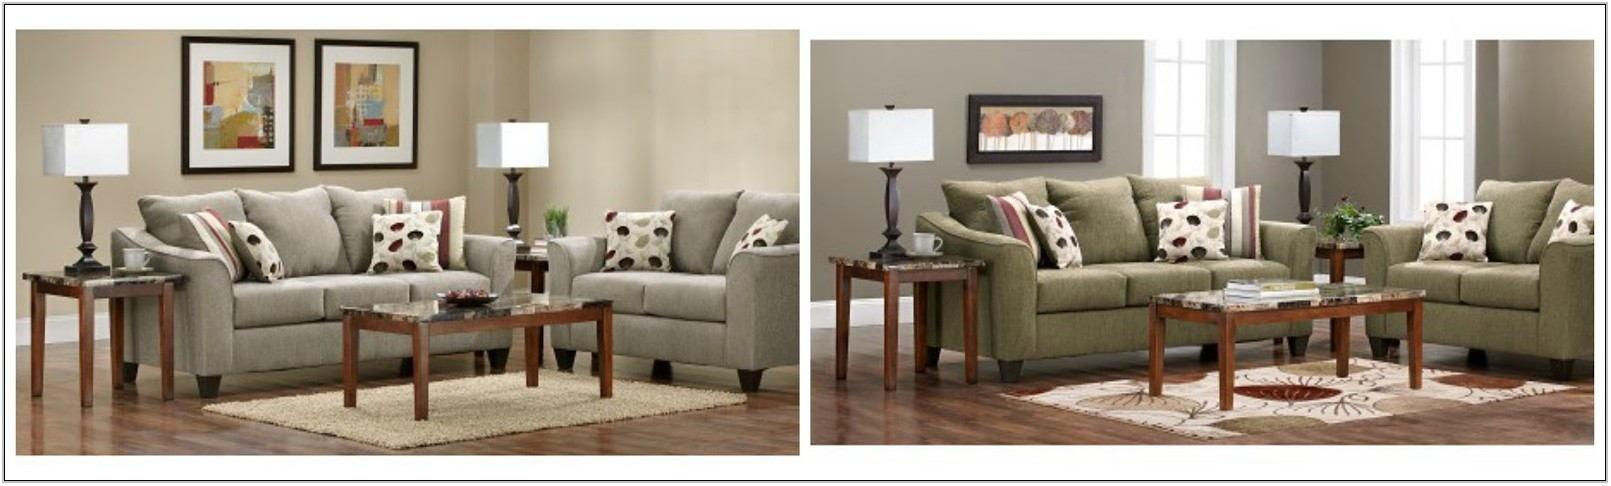 Slumberland Furniture Living Room